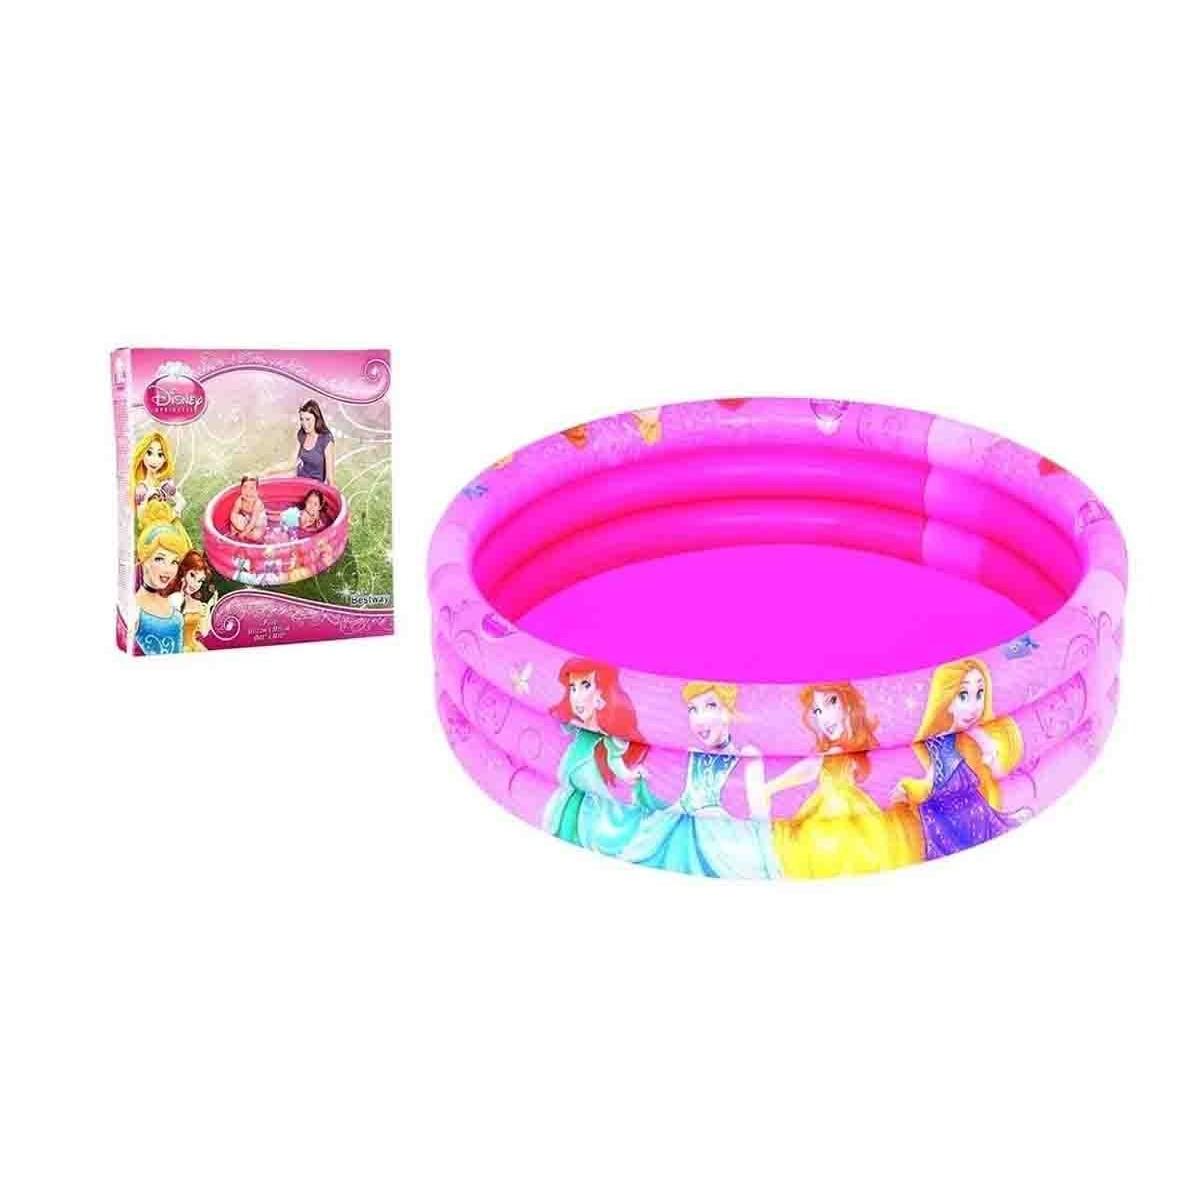 Piscina Banheira Inflável Princesas 140 Litros Infantil Mor Bestway 91047